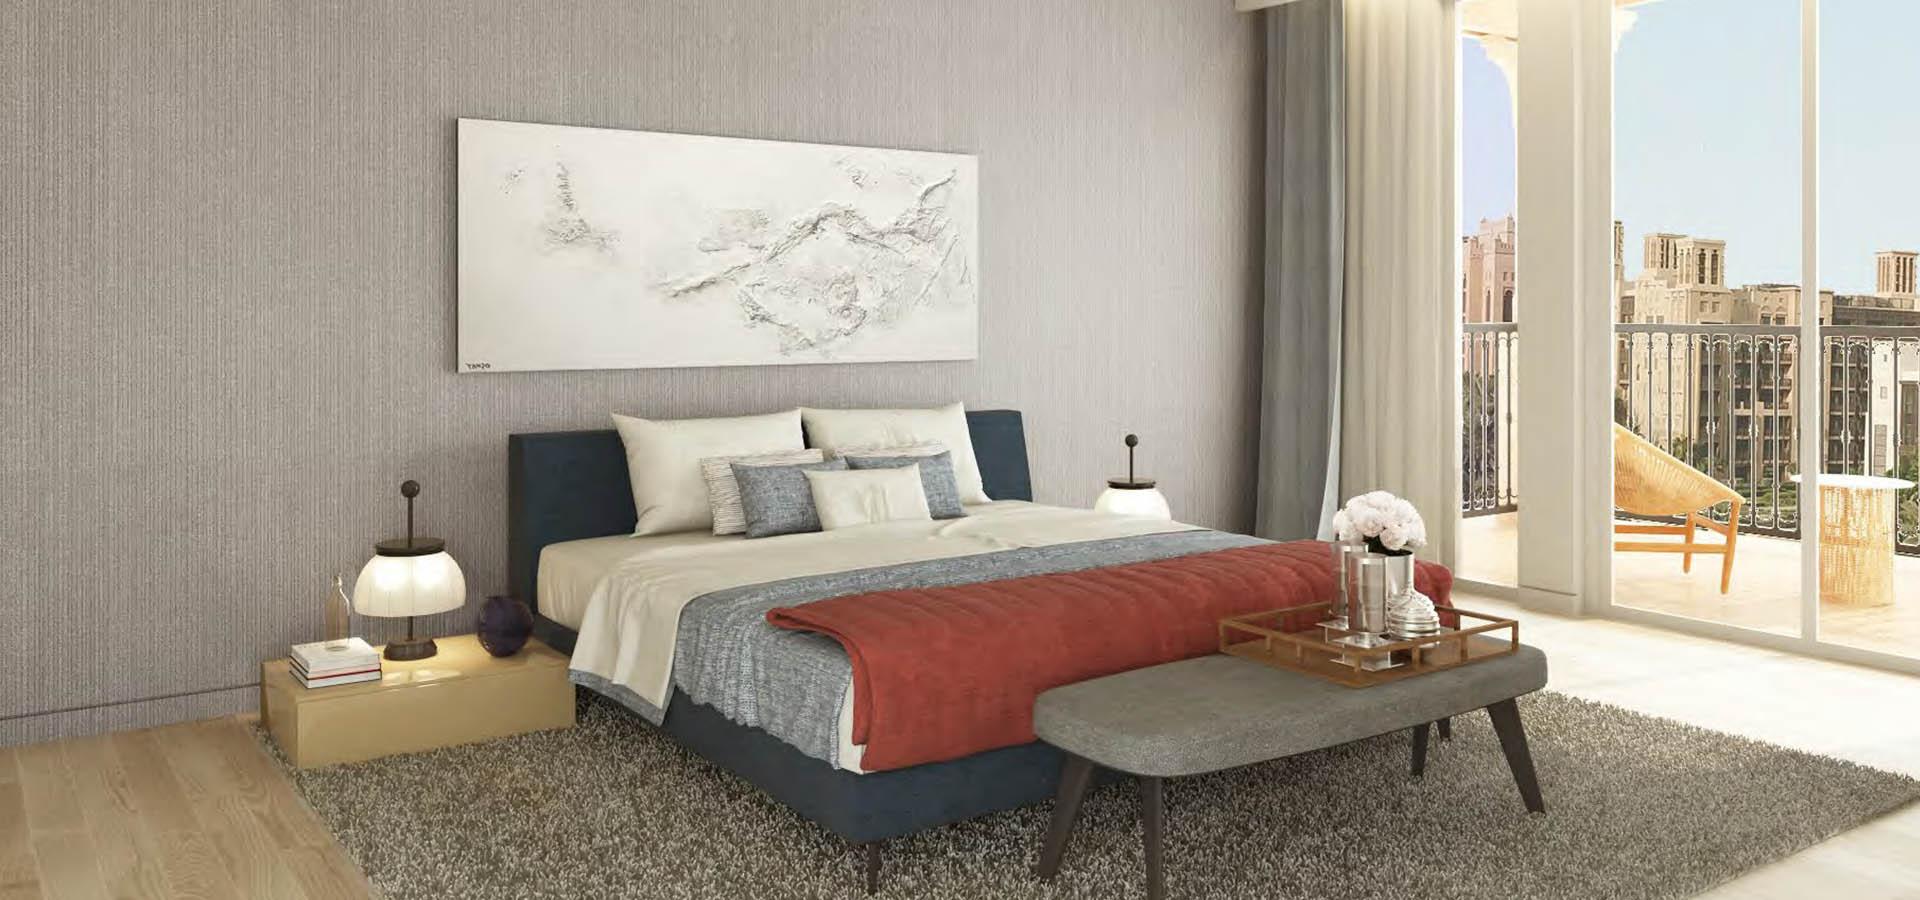 Apartamento en venta en Dubai, EAU, 1 dormitorio, 70 m2, № 23868 – foto 1